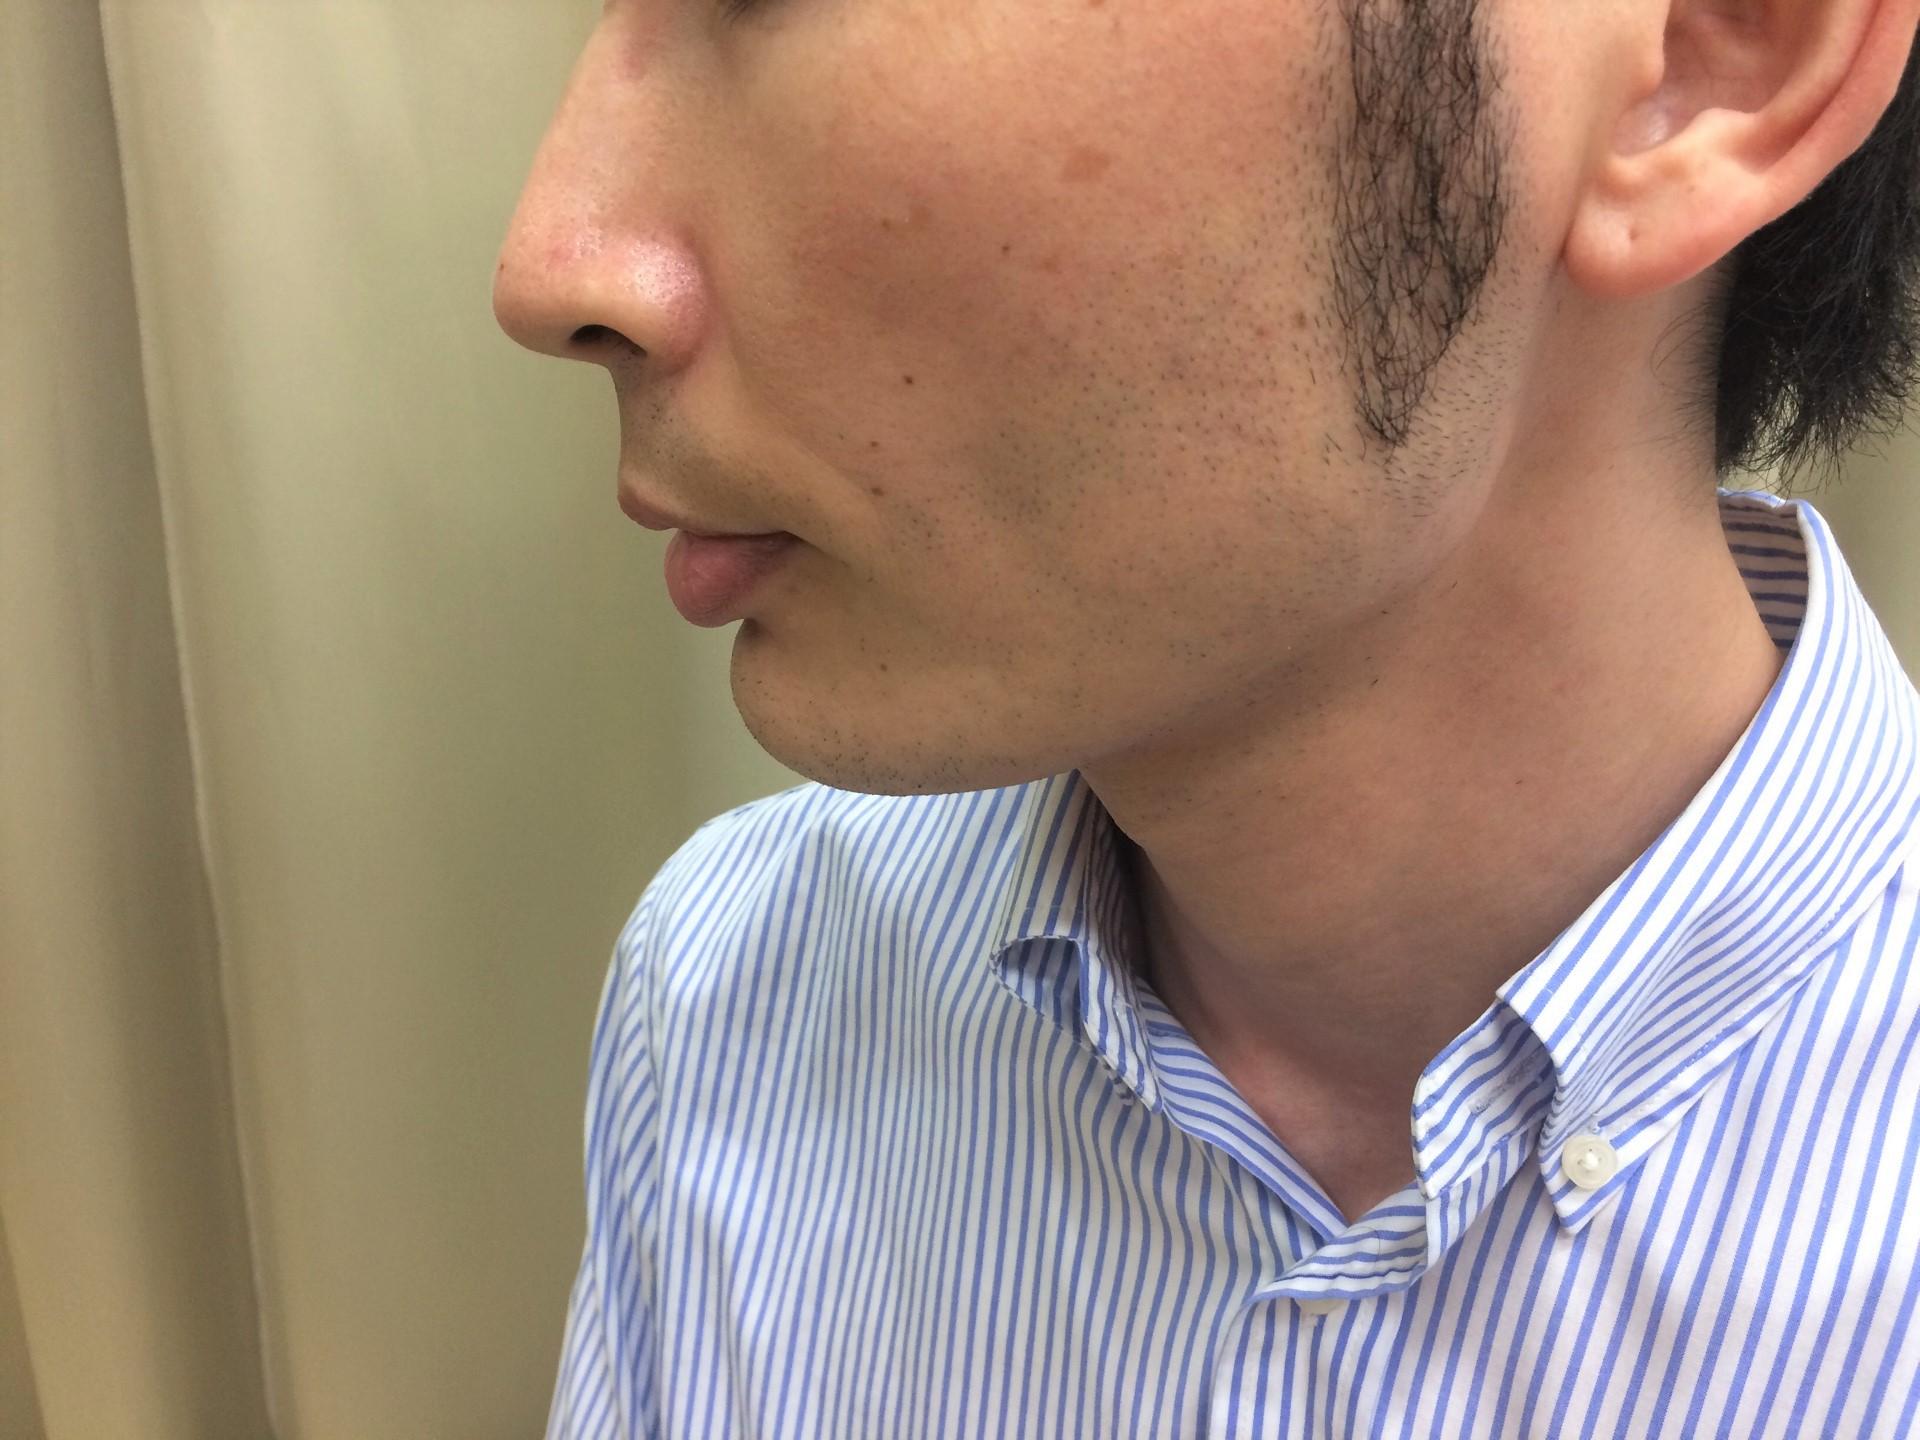 http://iryowriter.net/2019/08/25/【頬ひげ脱毛】わずか2回の施術でほとんど生えな/